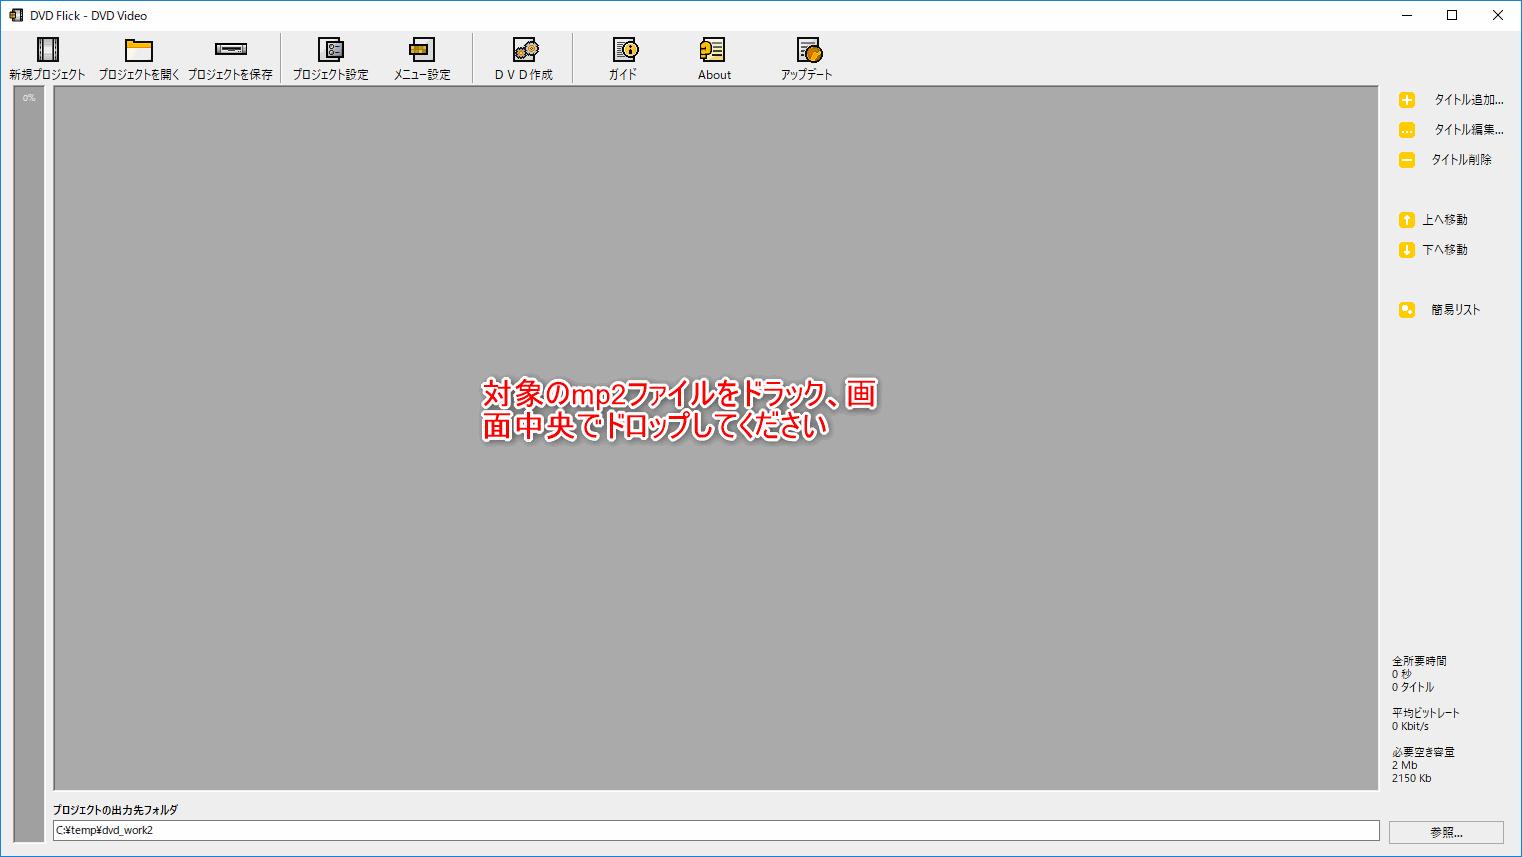 mp2ファイルをドロップするの図